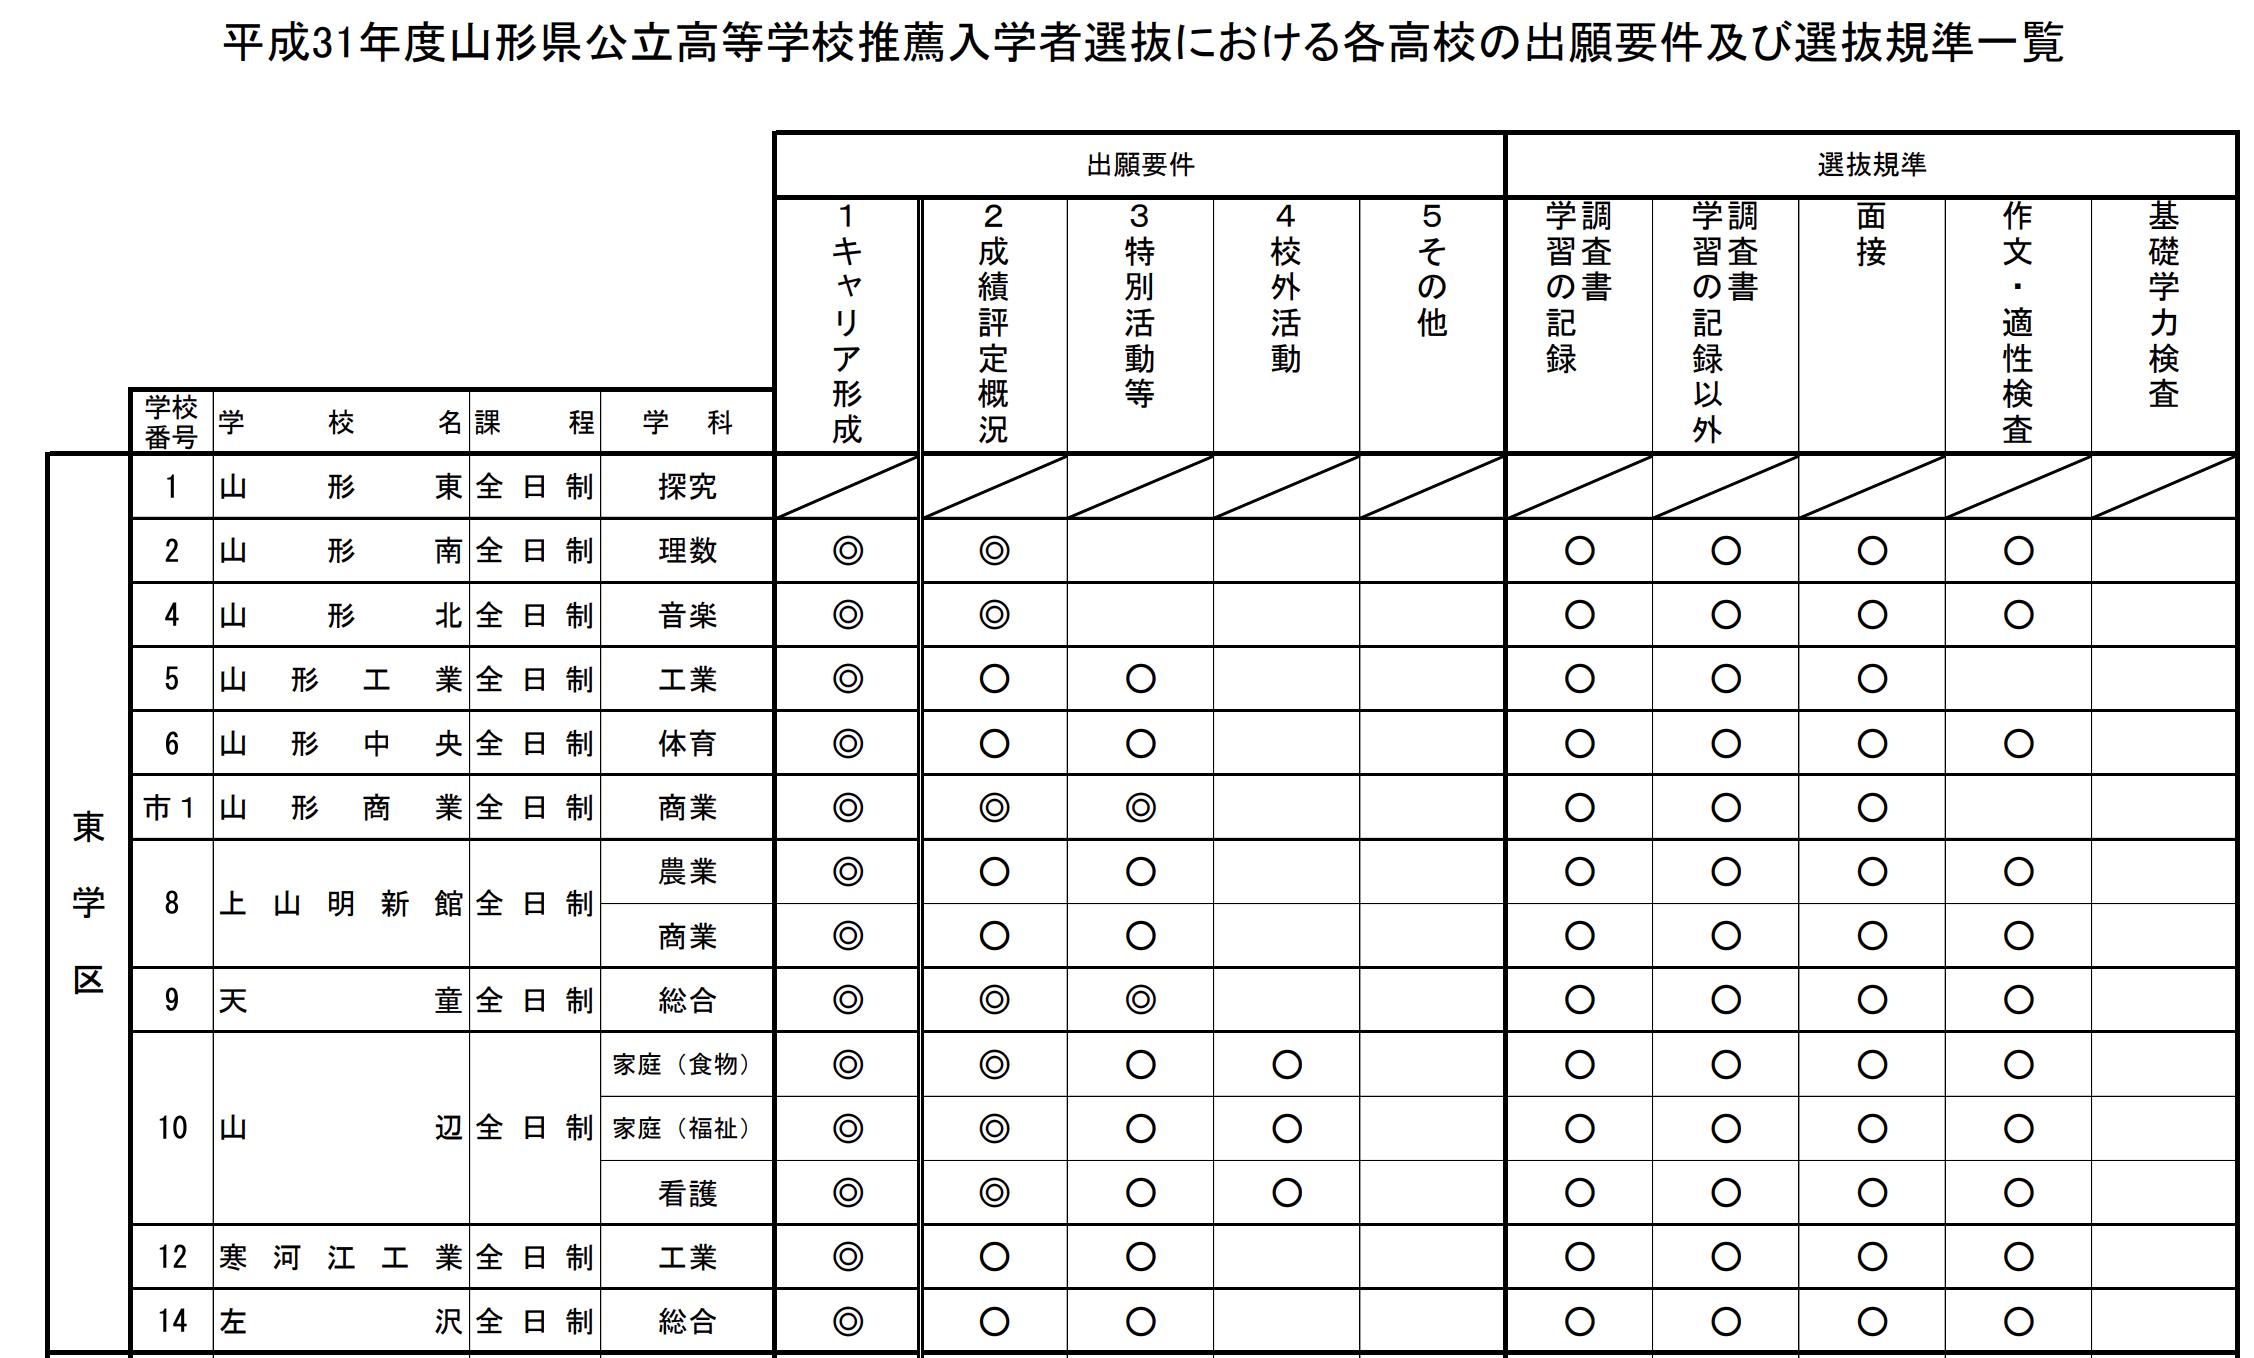 山形県公立高校入試選抜1